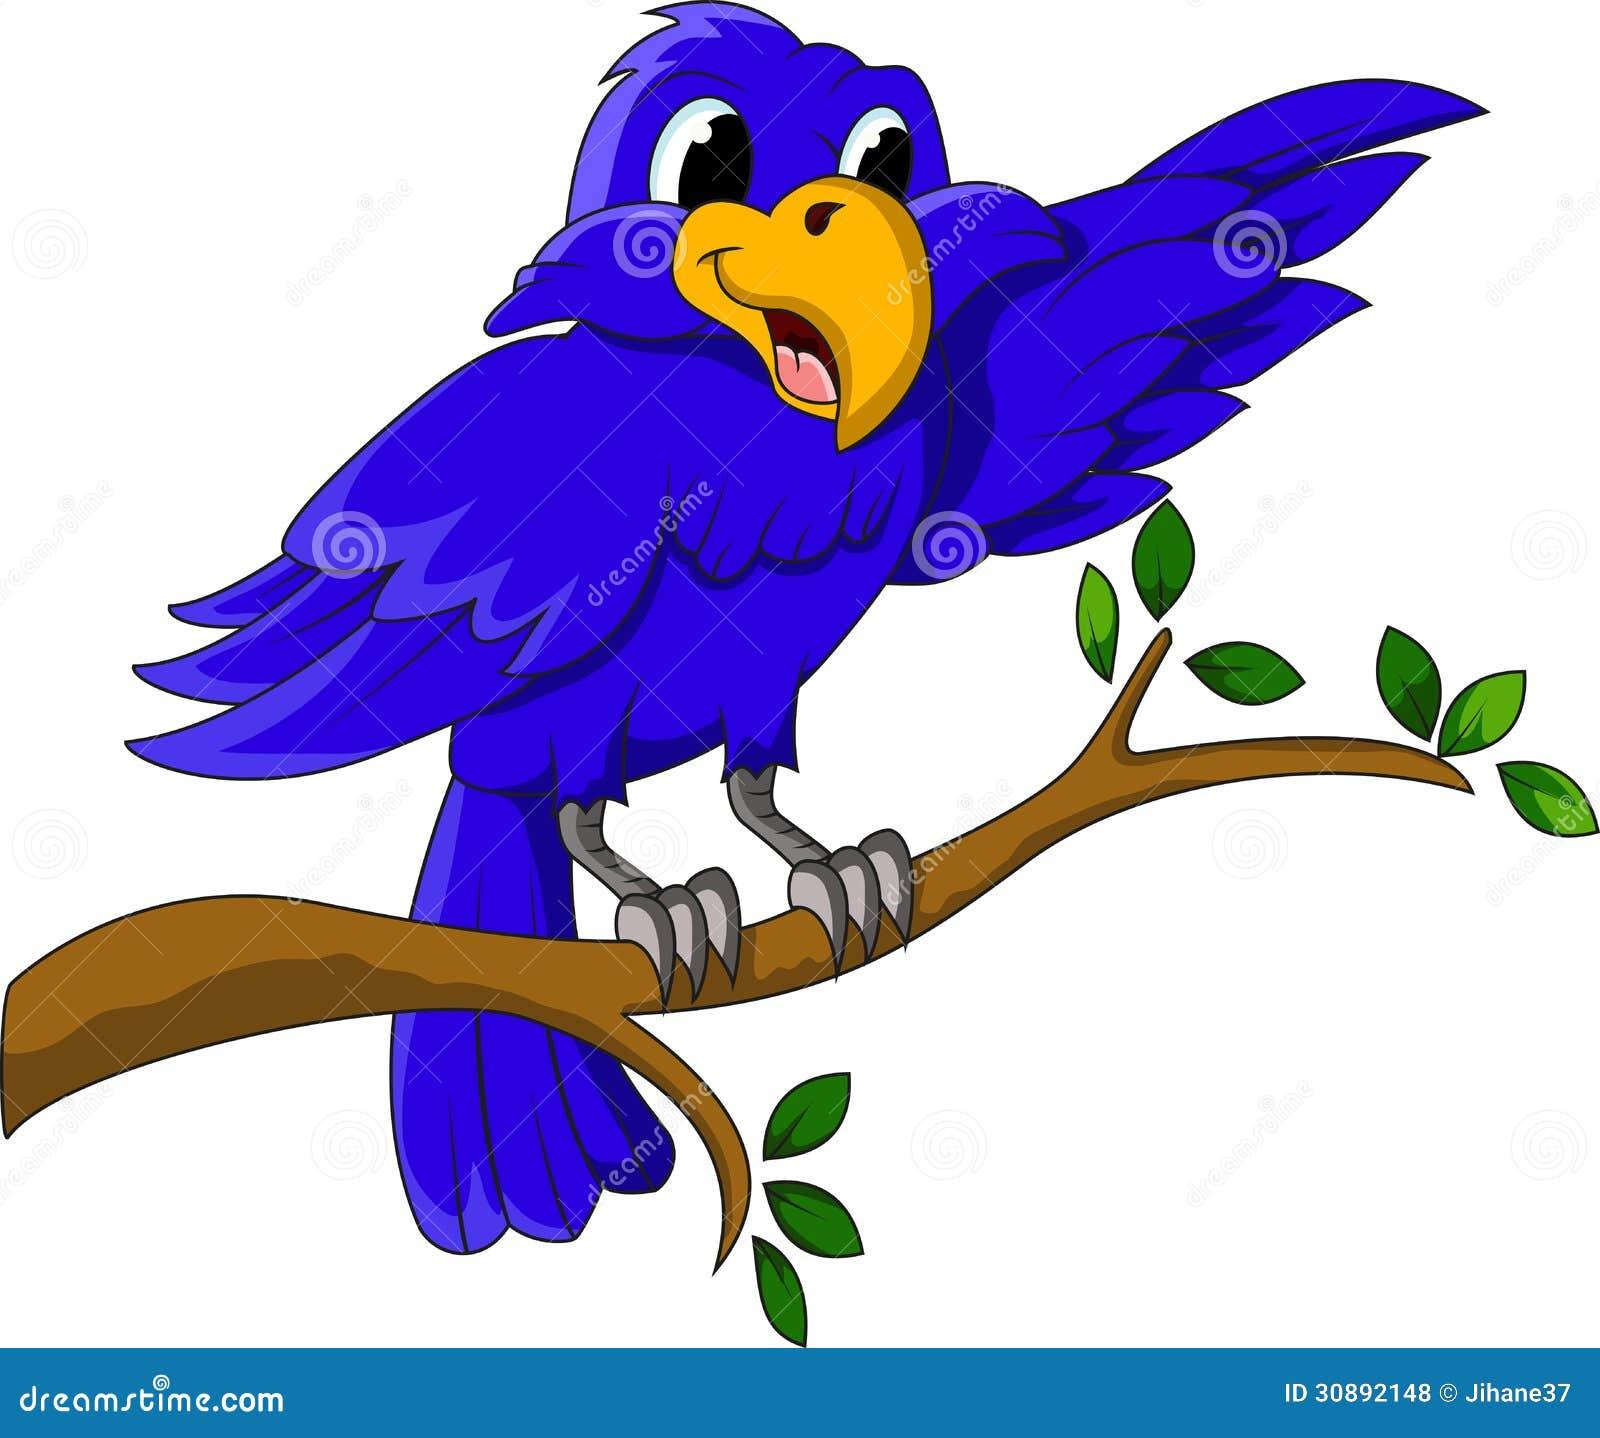 Un Personaje De Dibujos Animados Azul Del Pájaro Que Presenta En Una